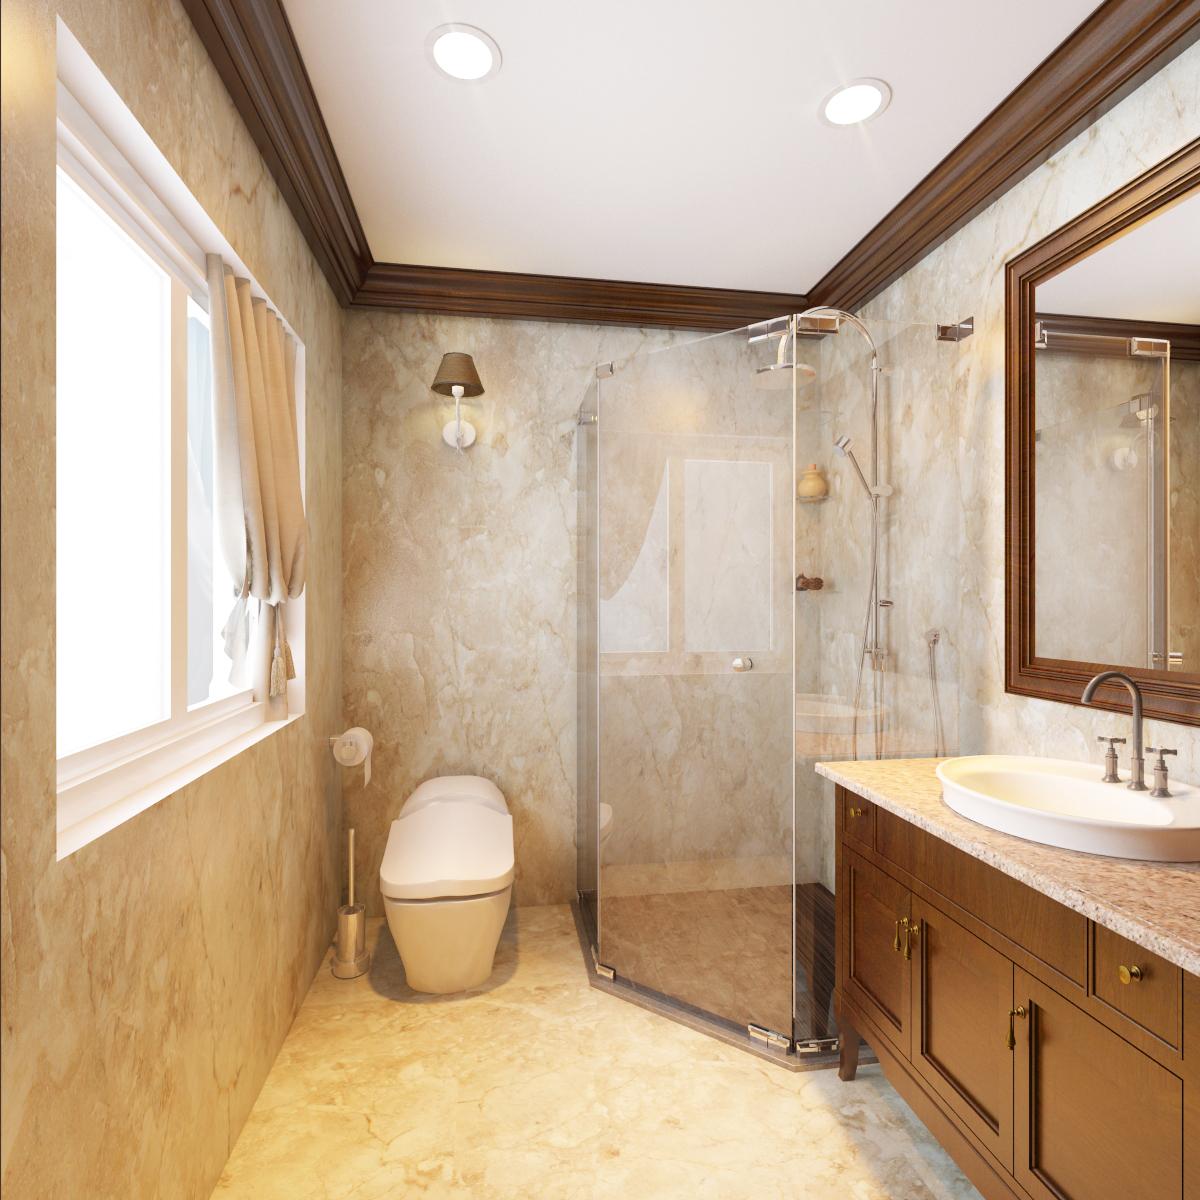 thiết kế nội thất Biệt Thự tại Hà Nội bt Vinhomes - riverside 55 1568276286